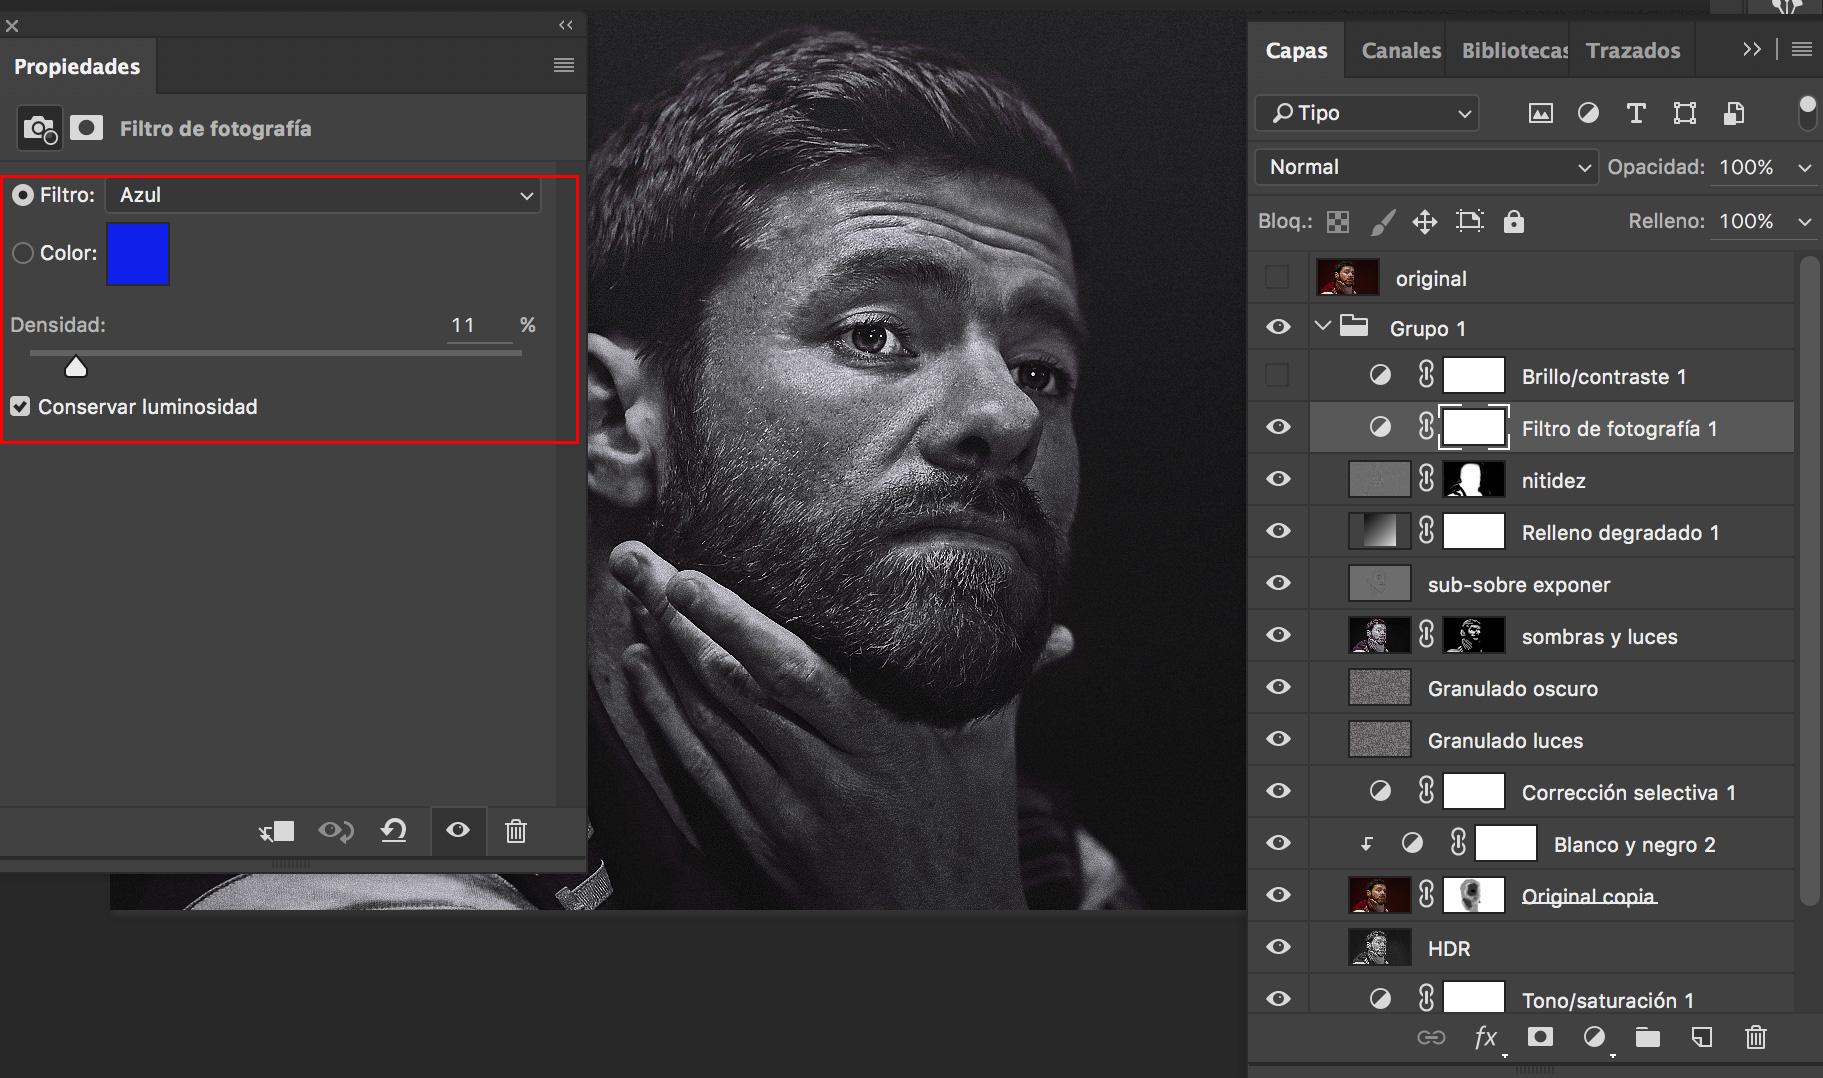 Capa filtro de fotografía en Photoshop